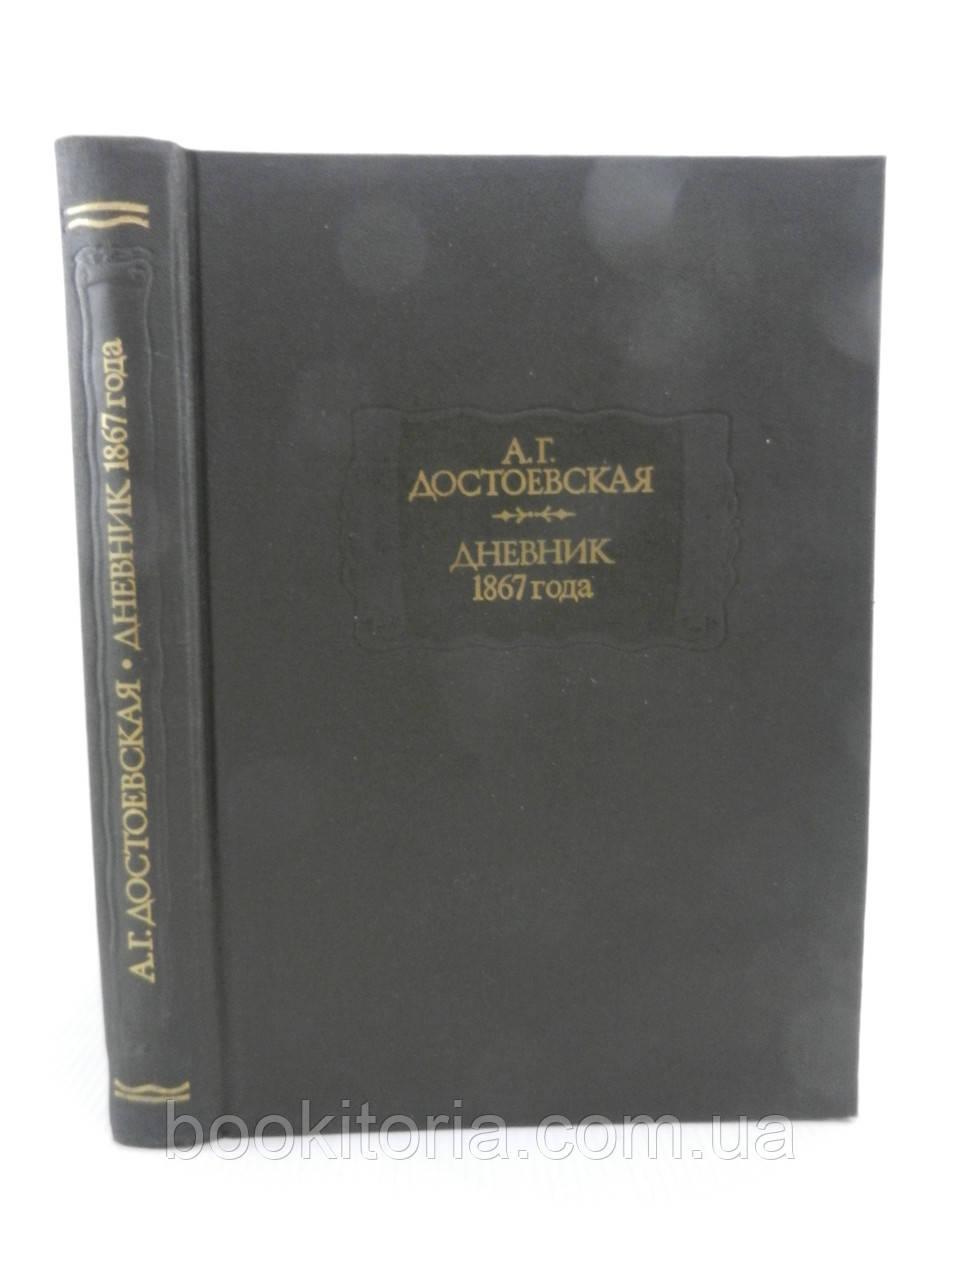 Достоевская А. Дневник 1867 года (б/у).